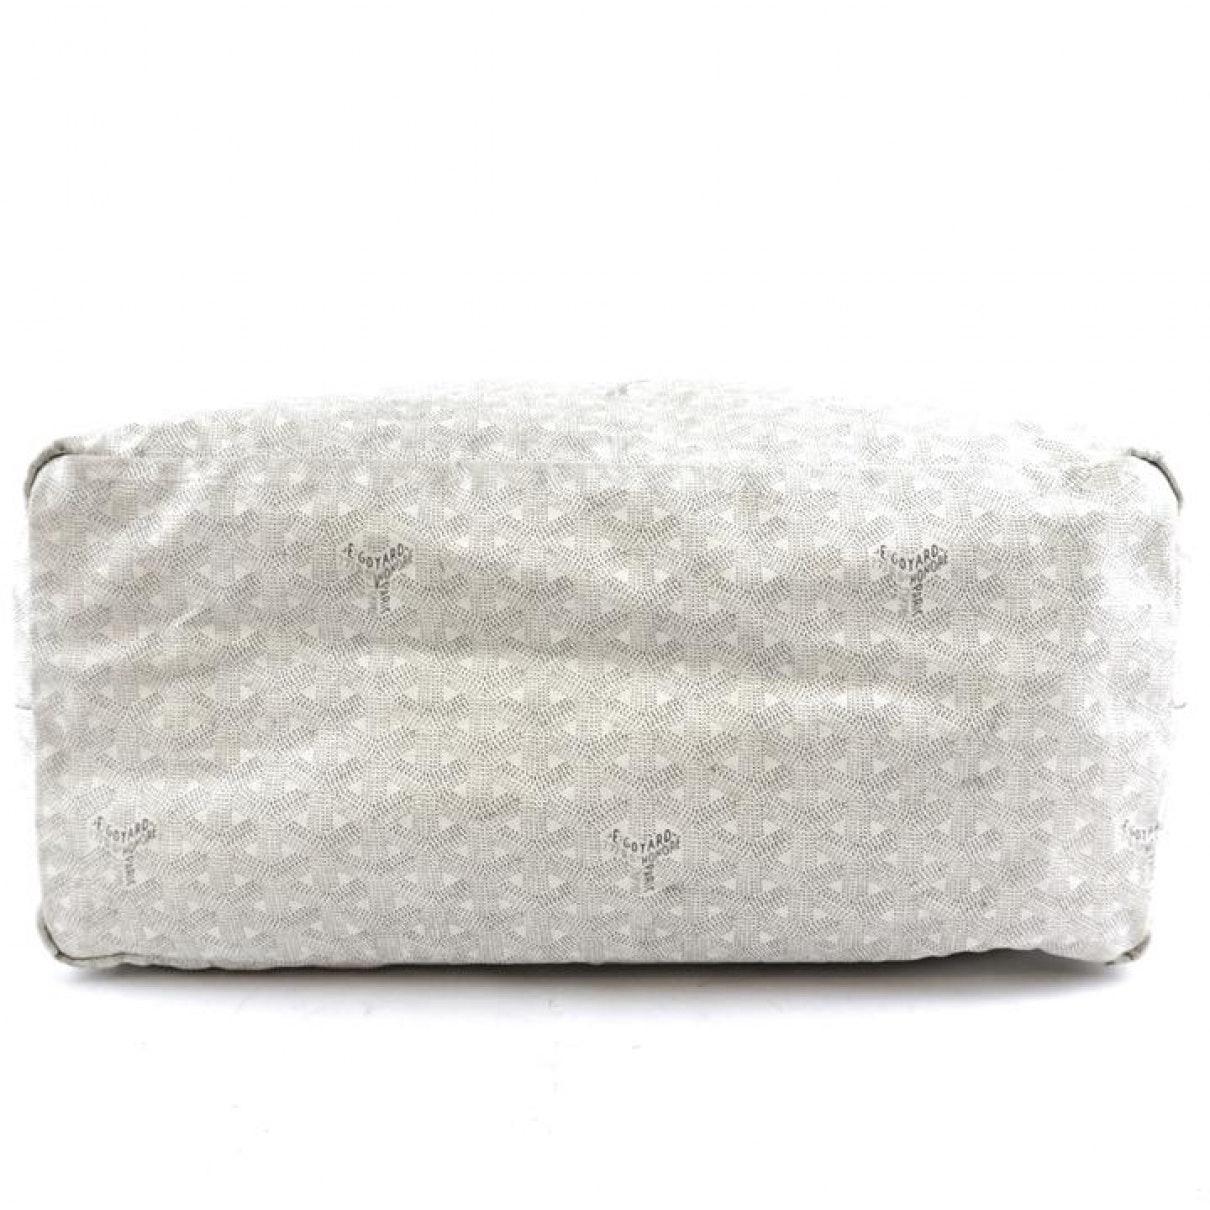 Sac à main Saint-Louis en Toile Blanc Goyard en coloris Blanc nO7R